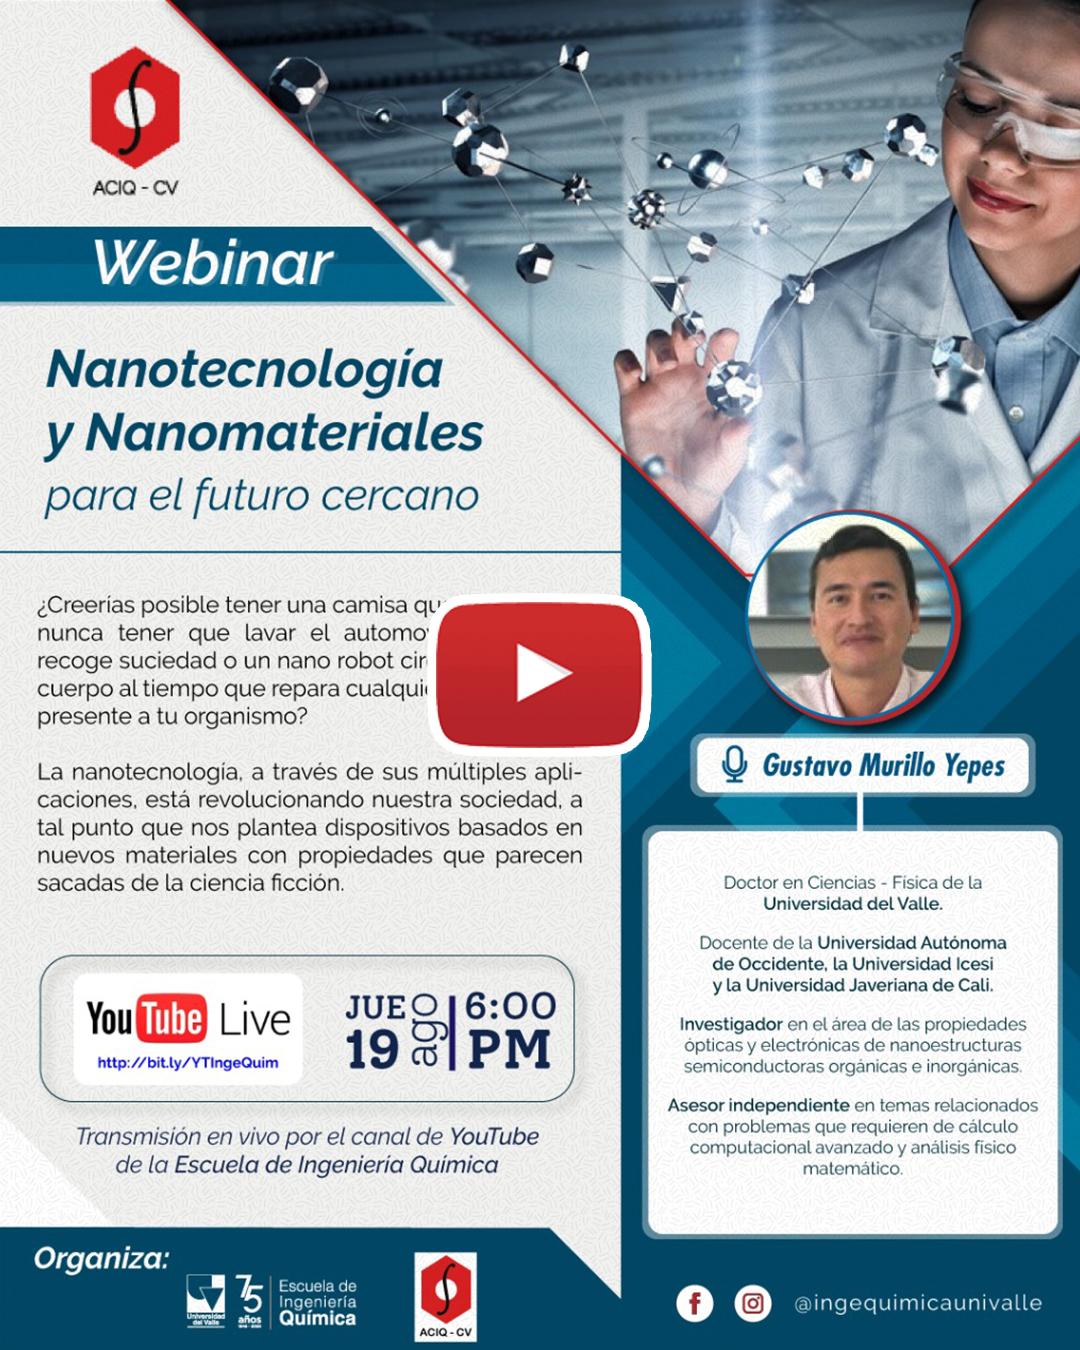 Nanotecnología y Nanomateriales para el futuro cercano